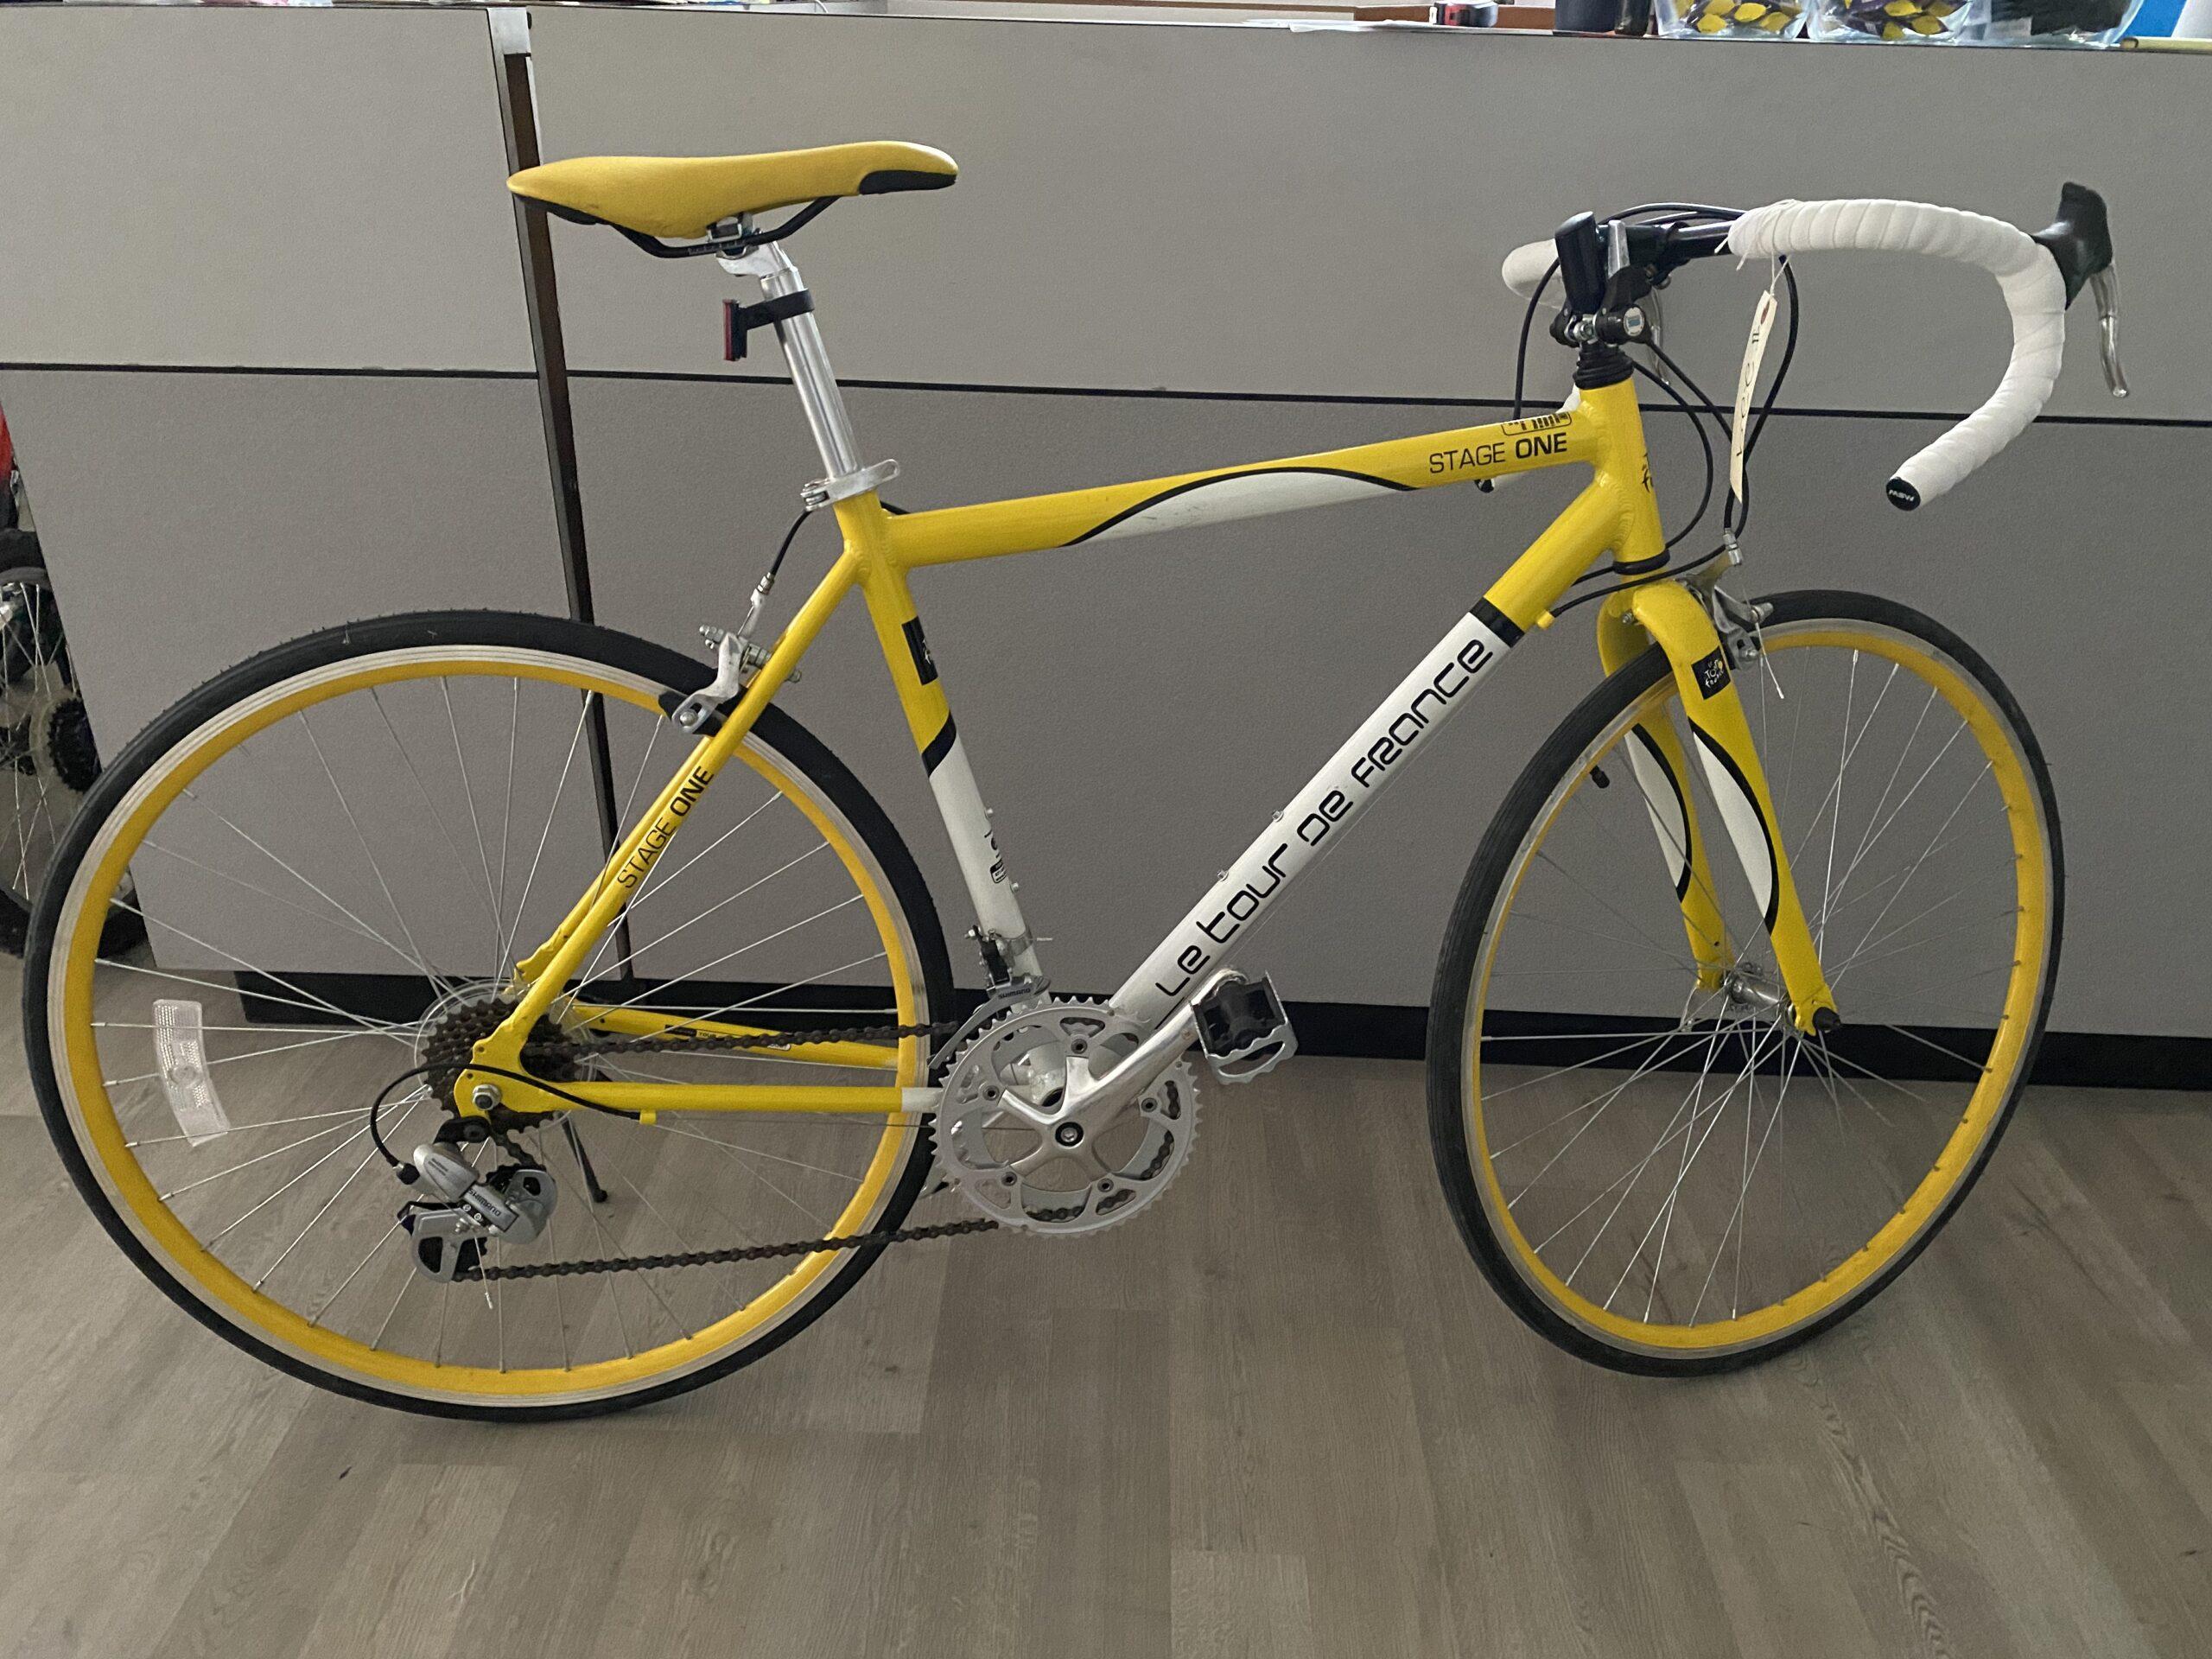 Tour de France Road Bike